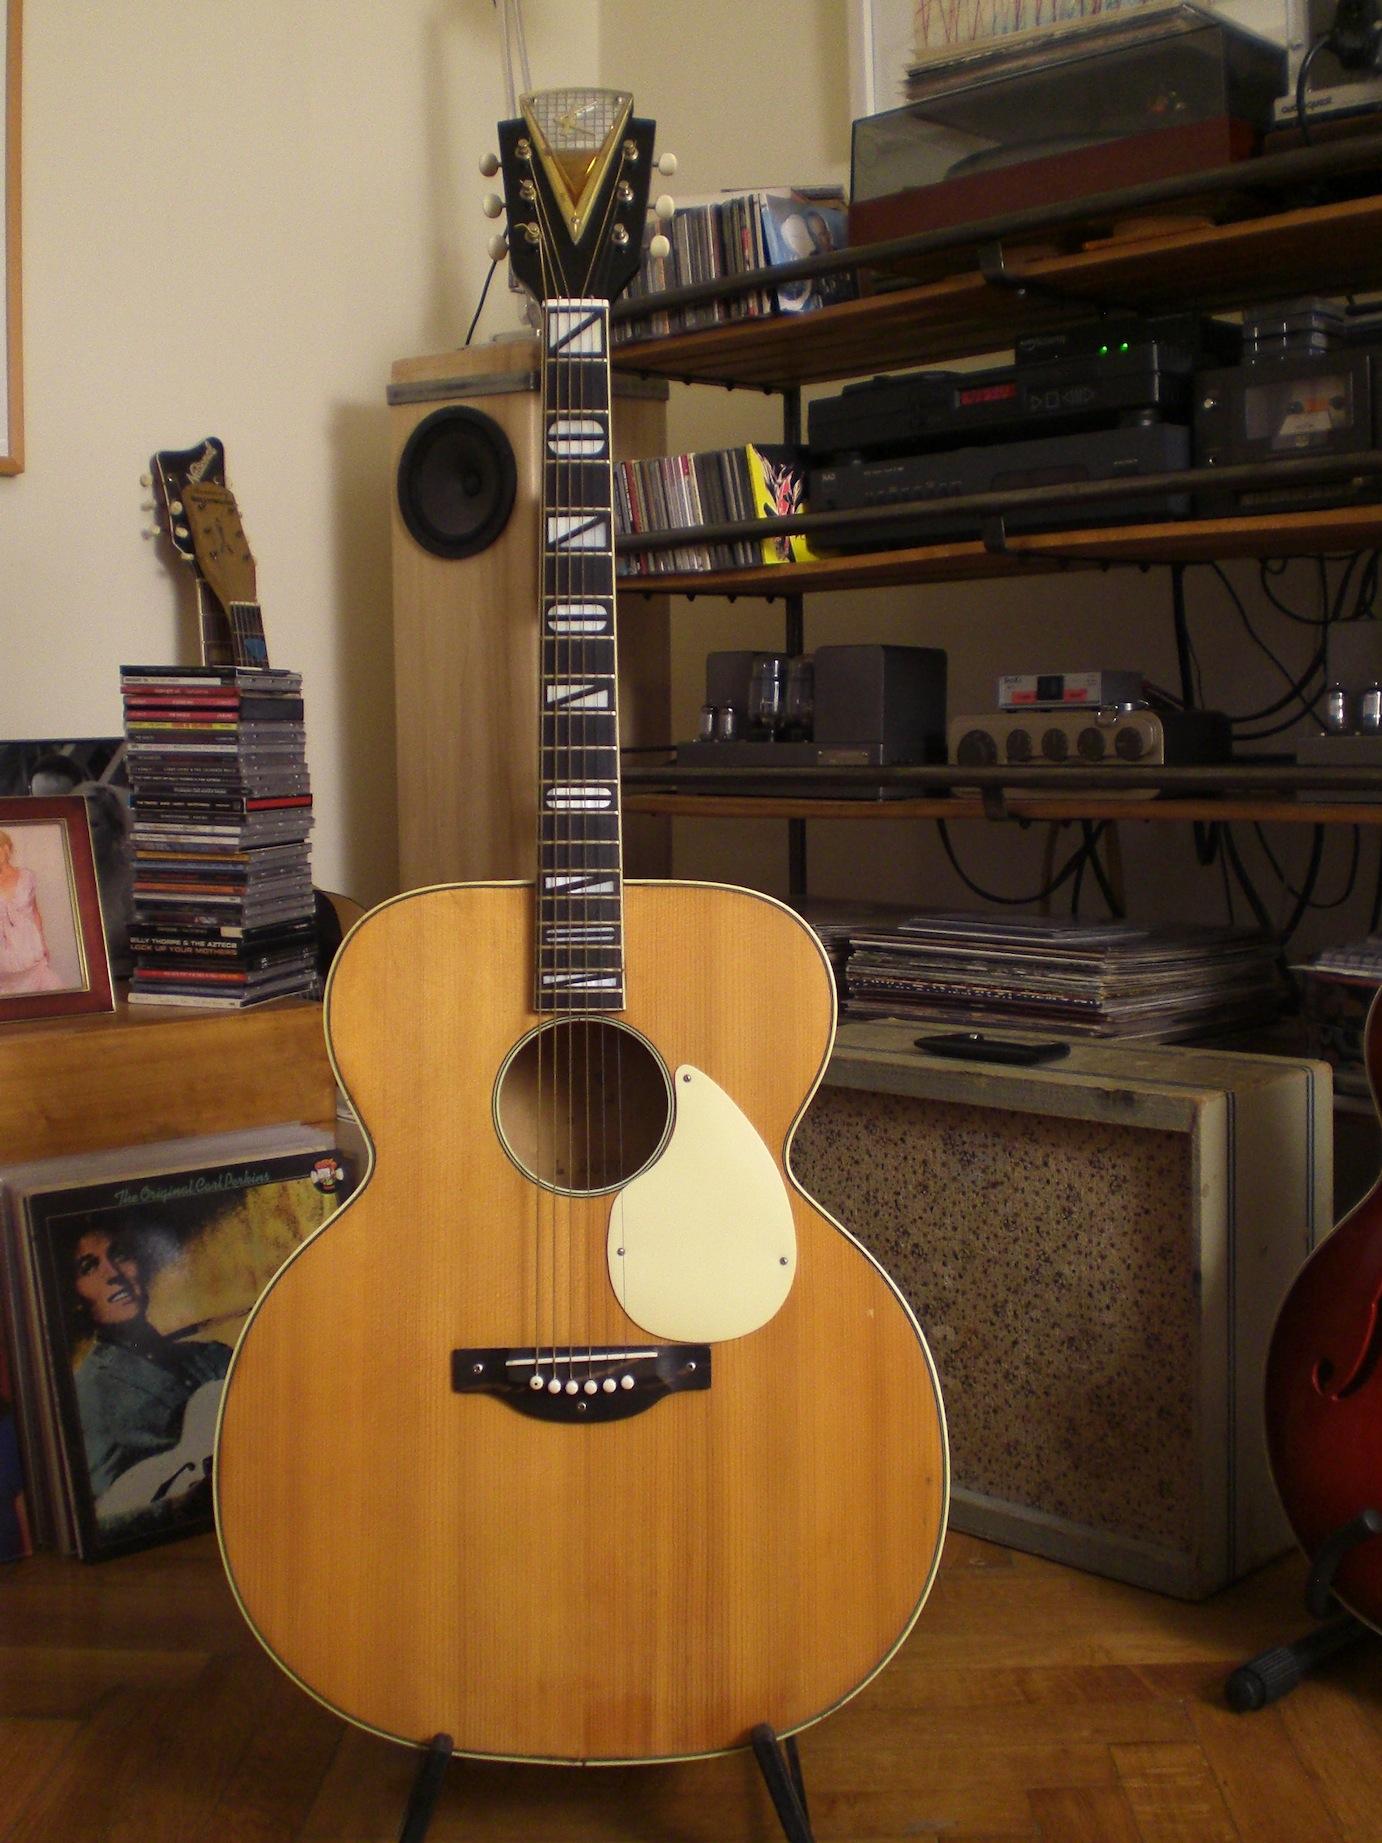 kay k 27 k 8117 acoustic guitar marginally irresponsible vintage guitars. Black Bedroom Furniture Sets. Home Design Ideas